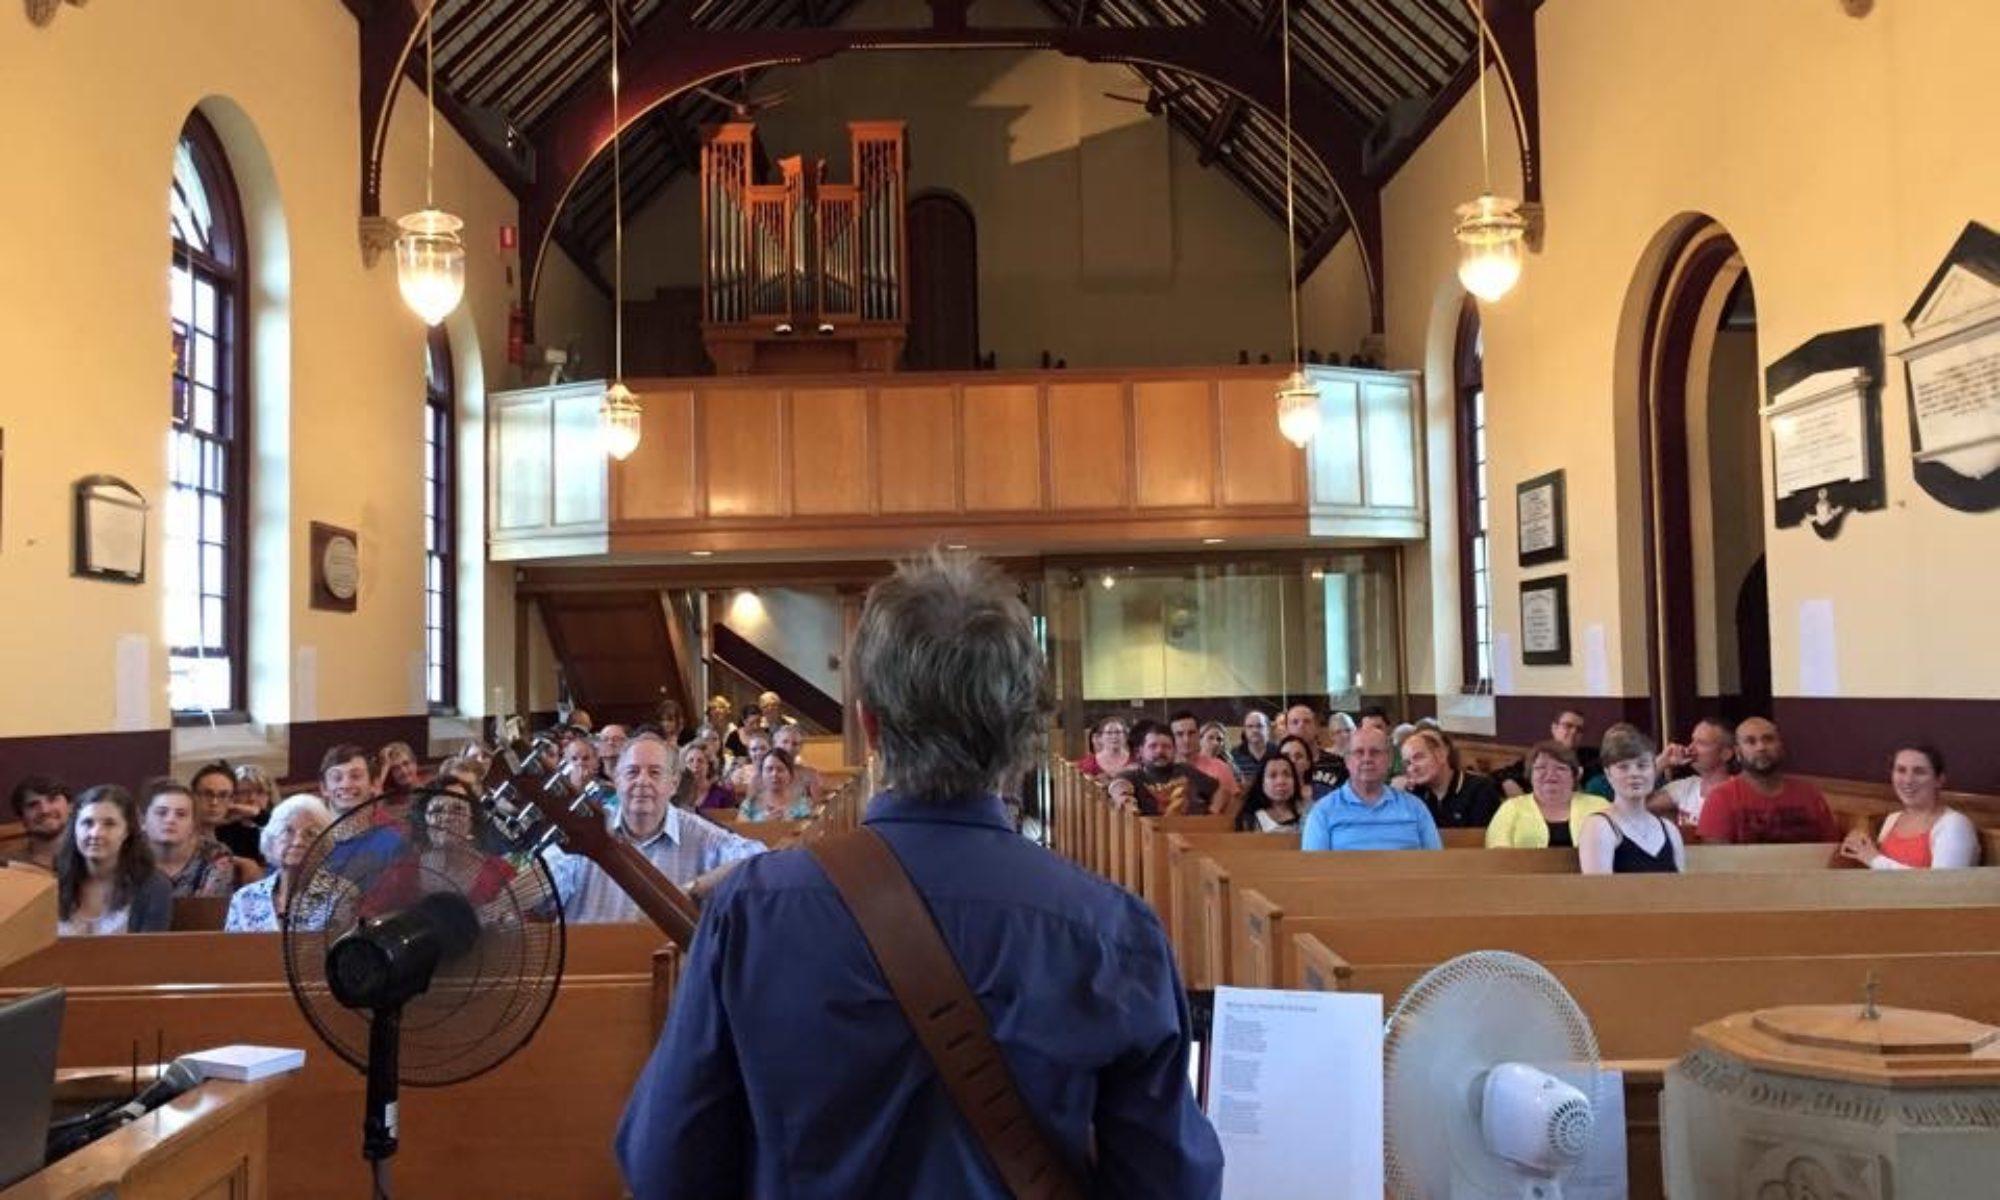 Campbelltown Anglican Churches